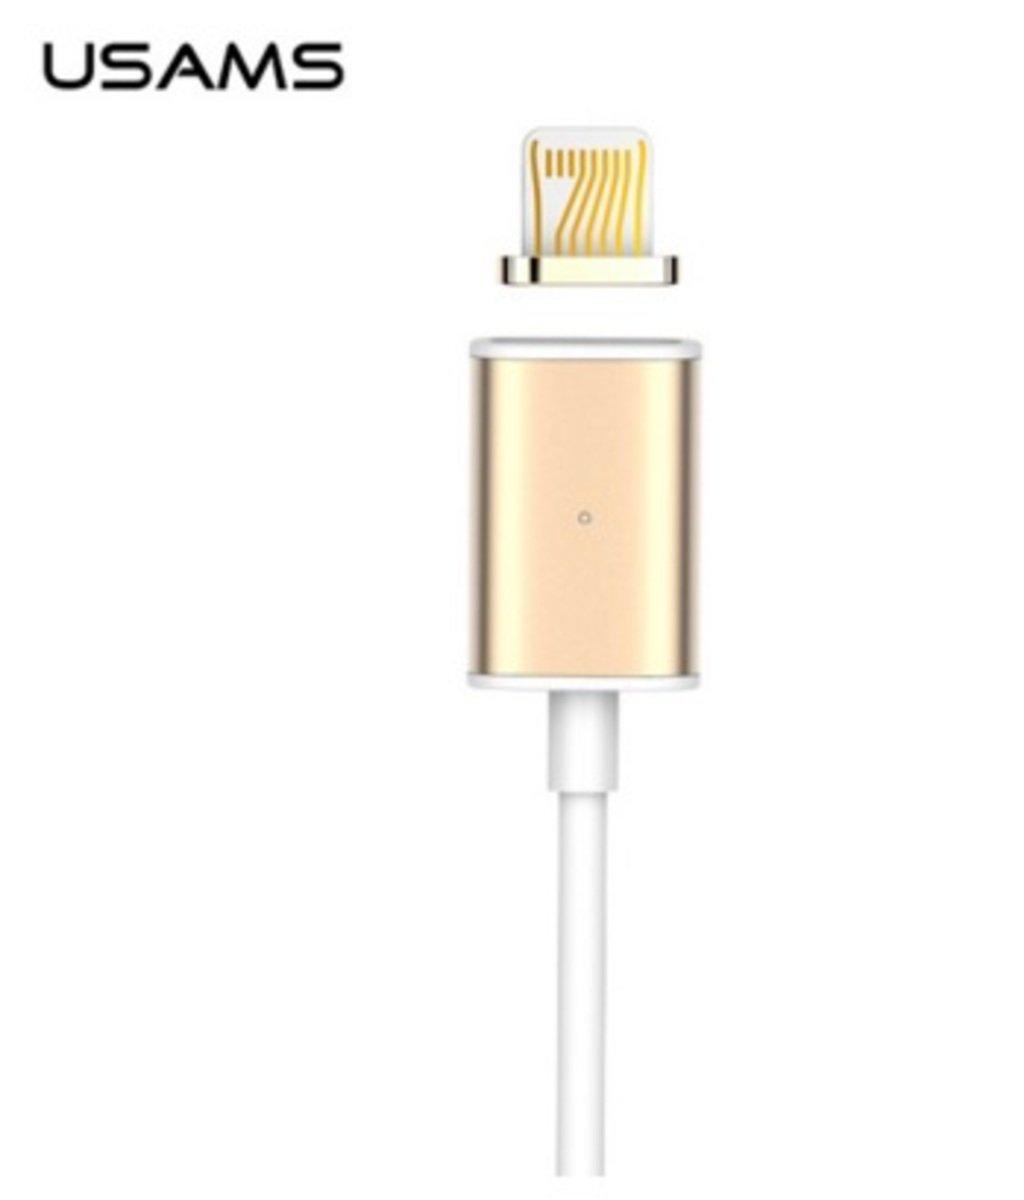 Usams iPhone 磁力數據同步及充電線 - 金色